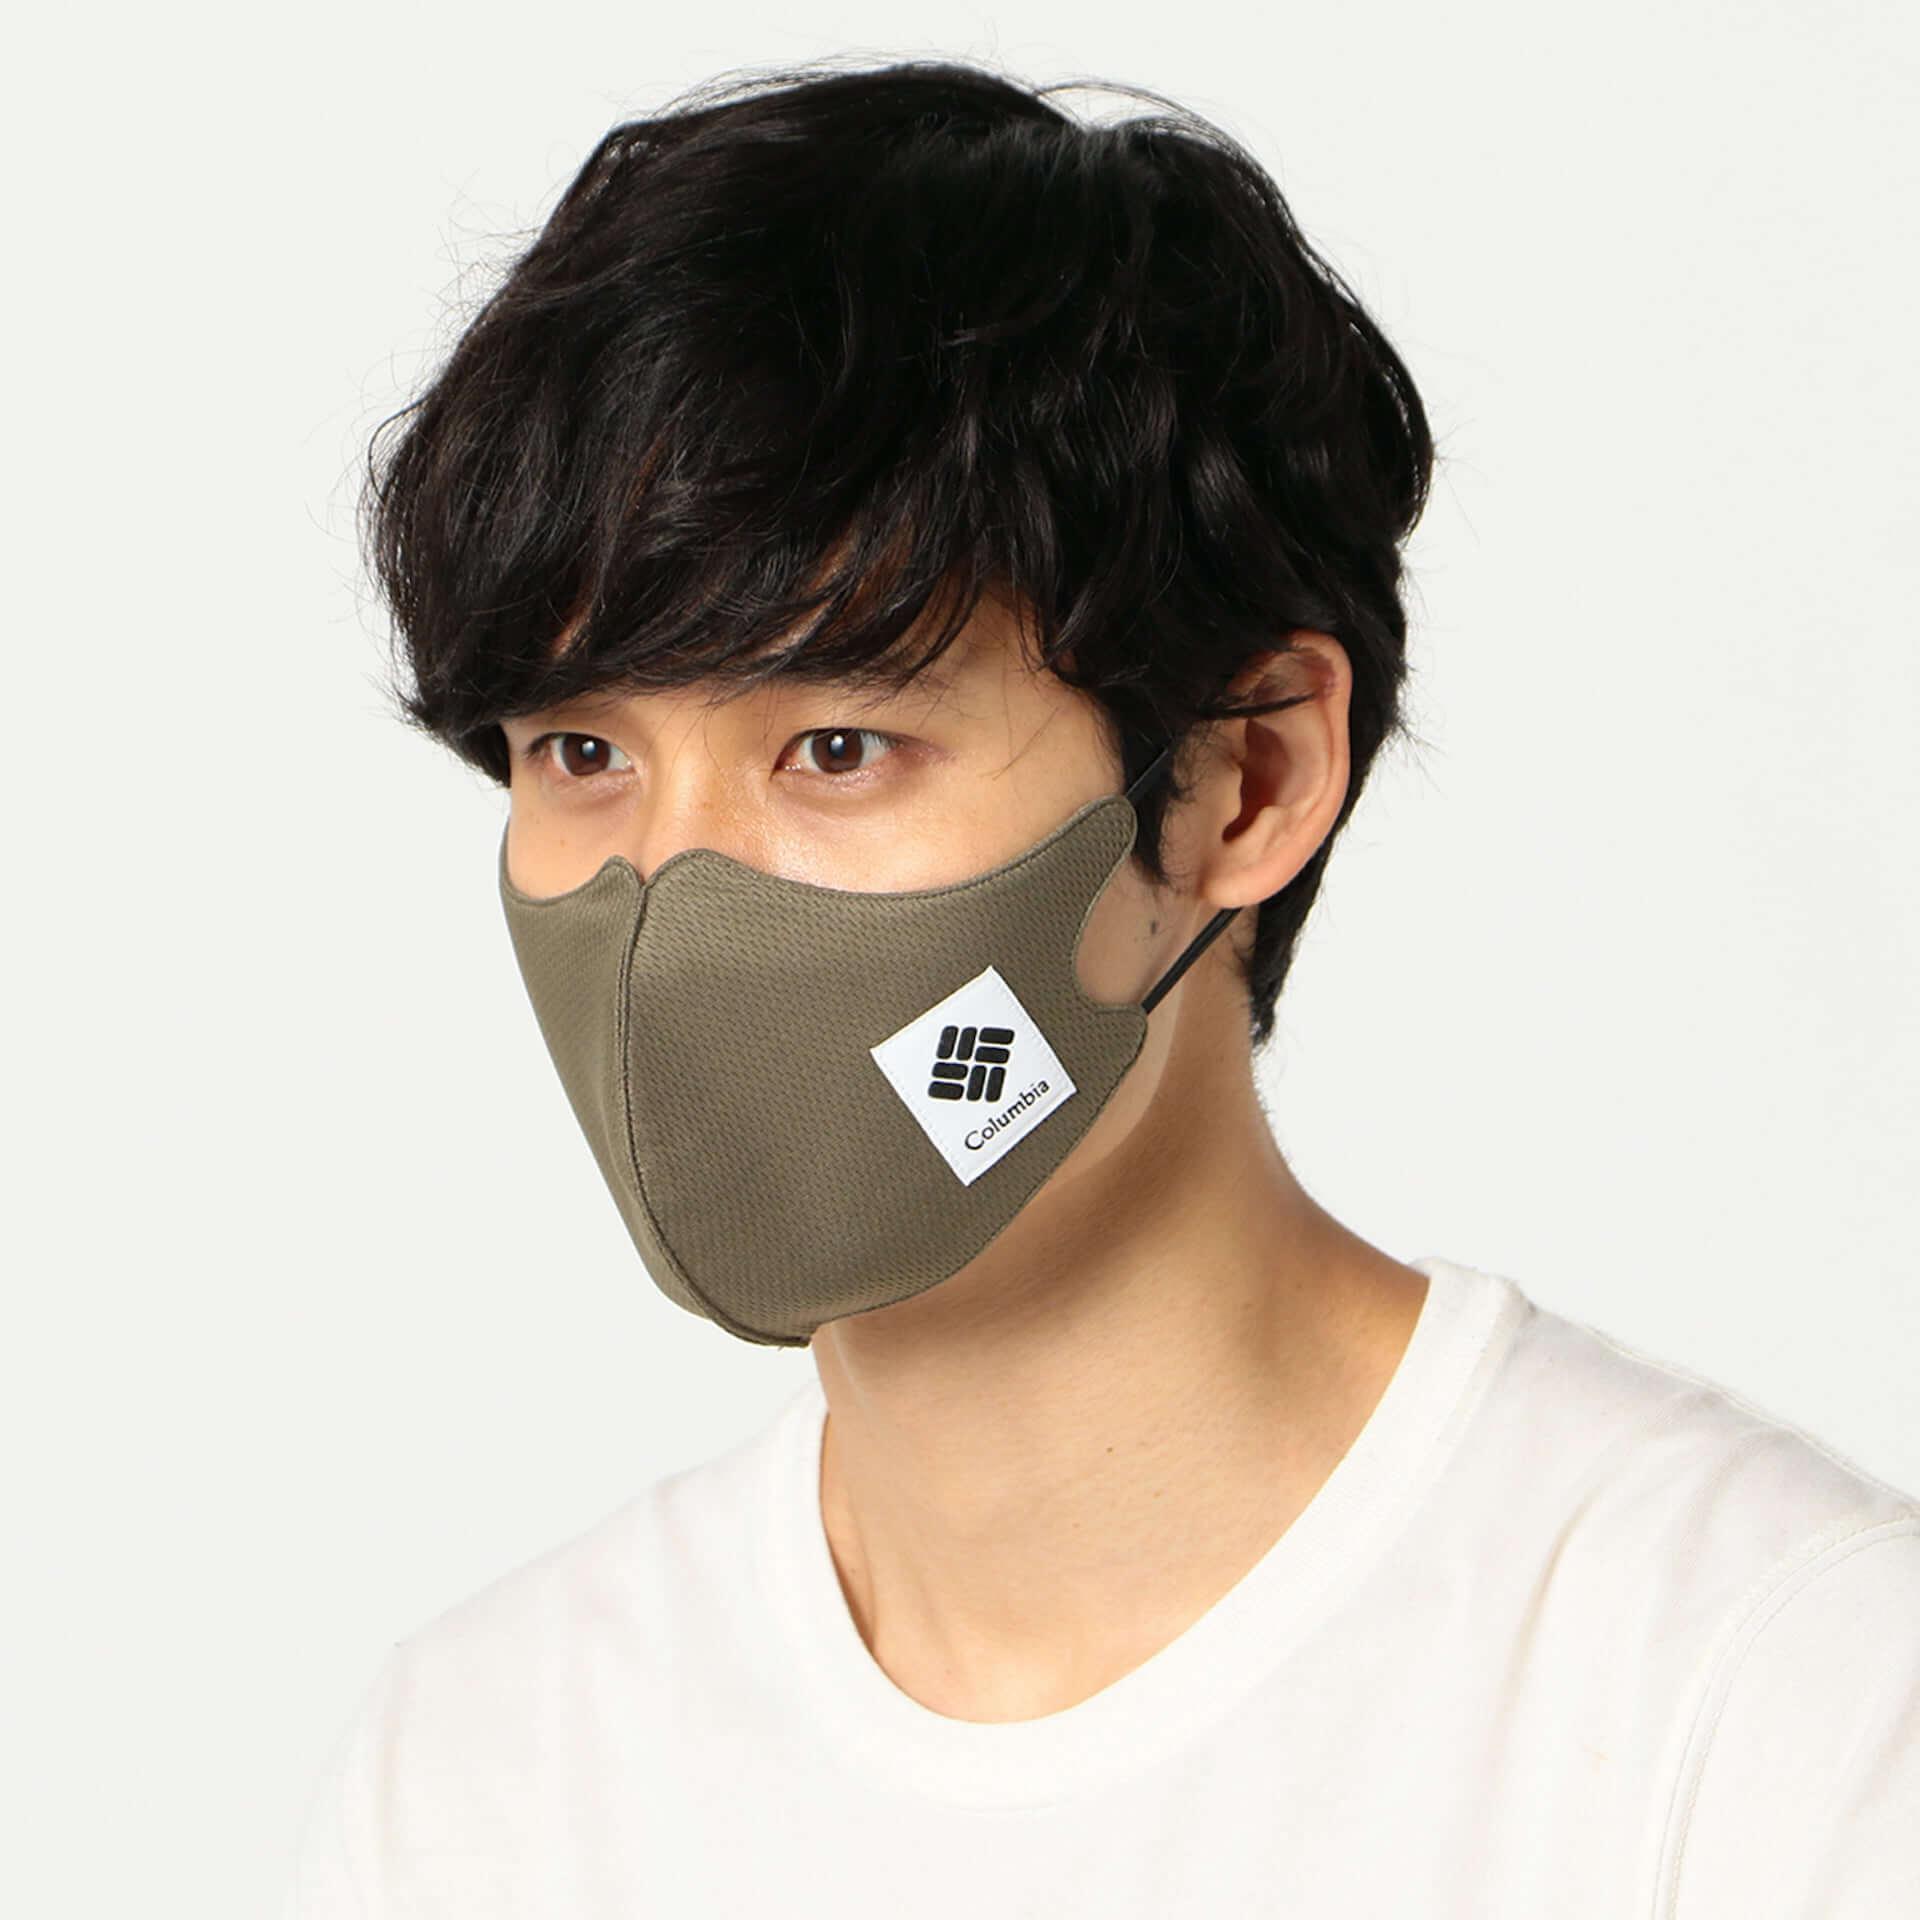 コロンビアが洗えるメッシュマスク『TURKEY CREST OFZ FACE COVER』を発売!独自の冷却・吸湿速乾機能を搭載 lf200925_columbia-mask_2-1920x1920